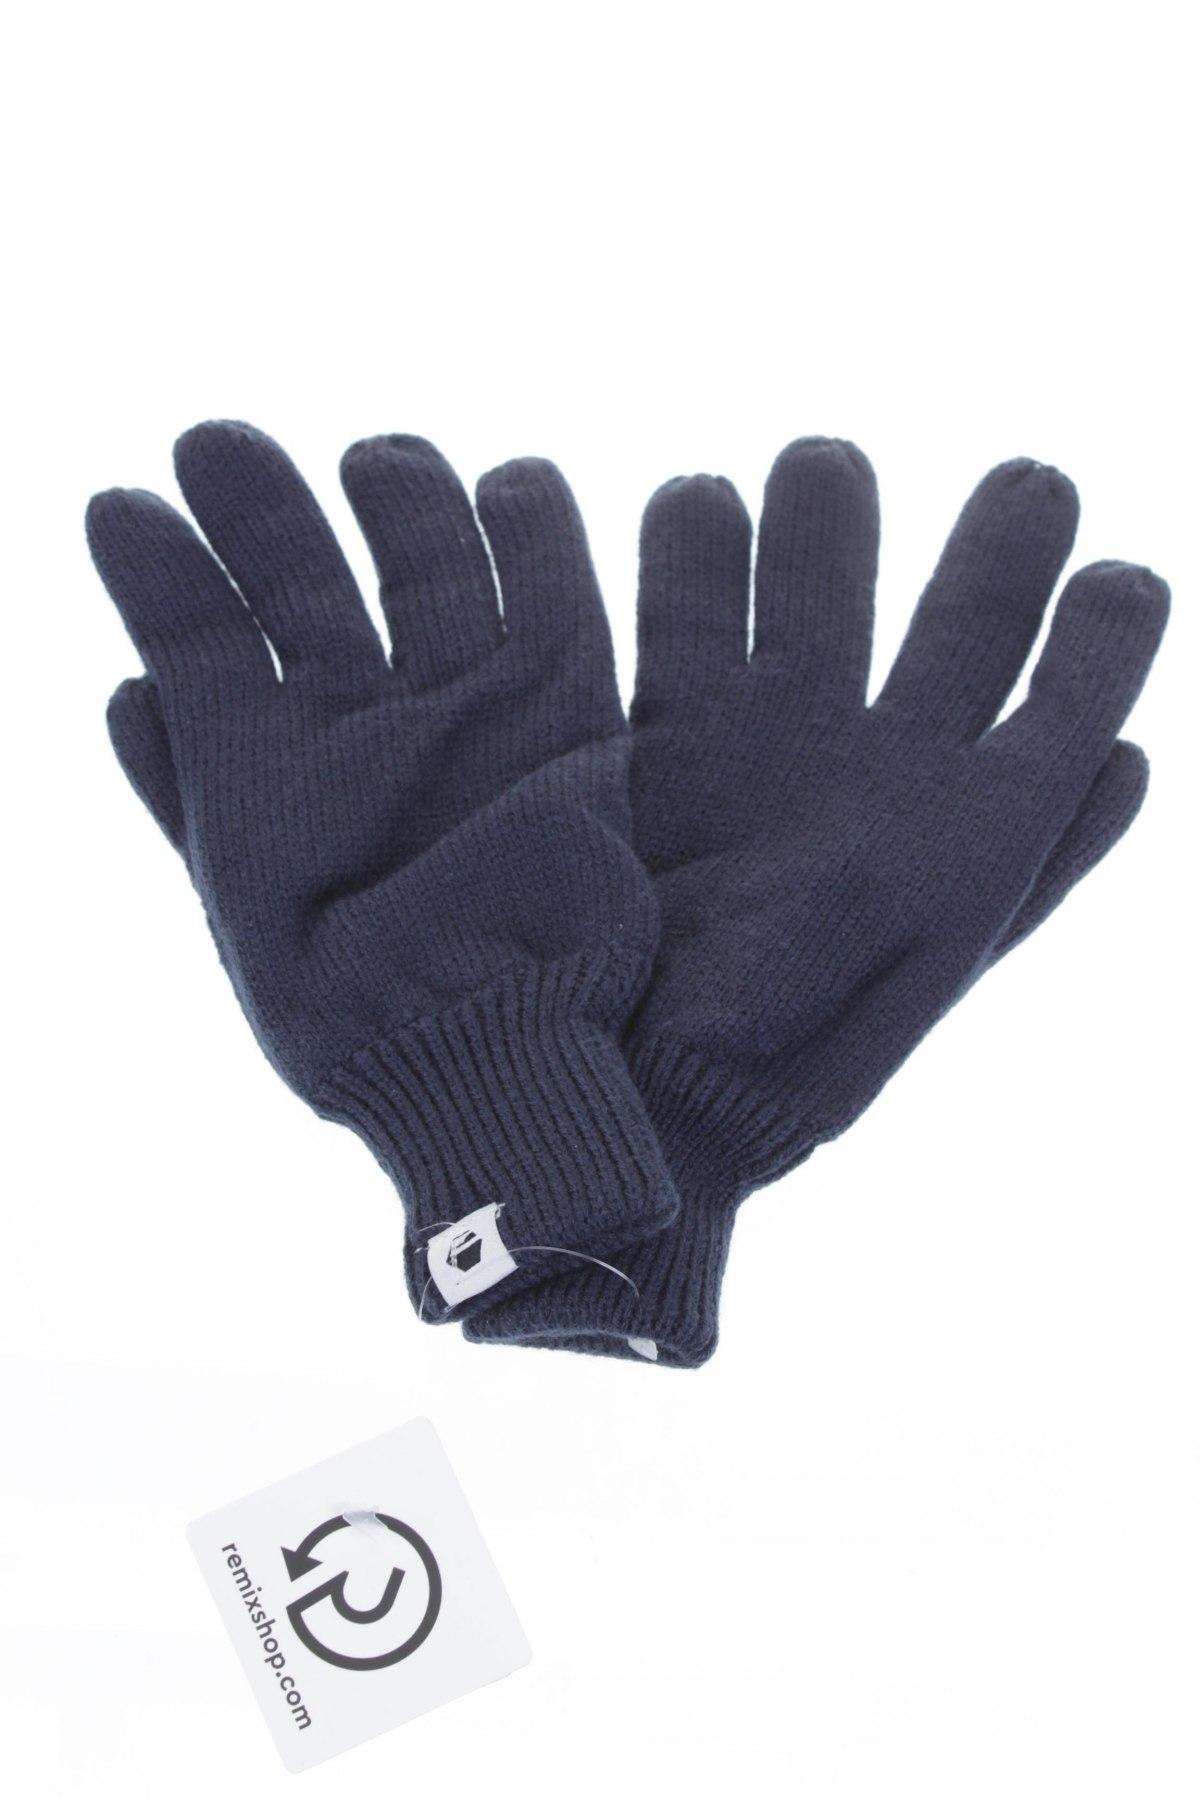 a9656c5aa1dbe1 Handschuhe Jack   Jones - günstig bei Remix -  8500385